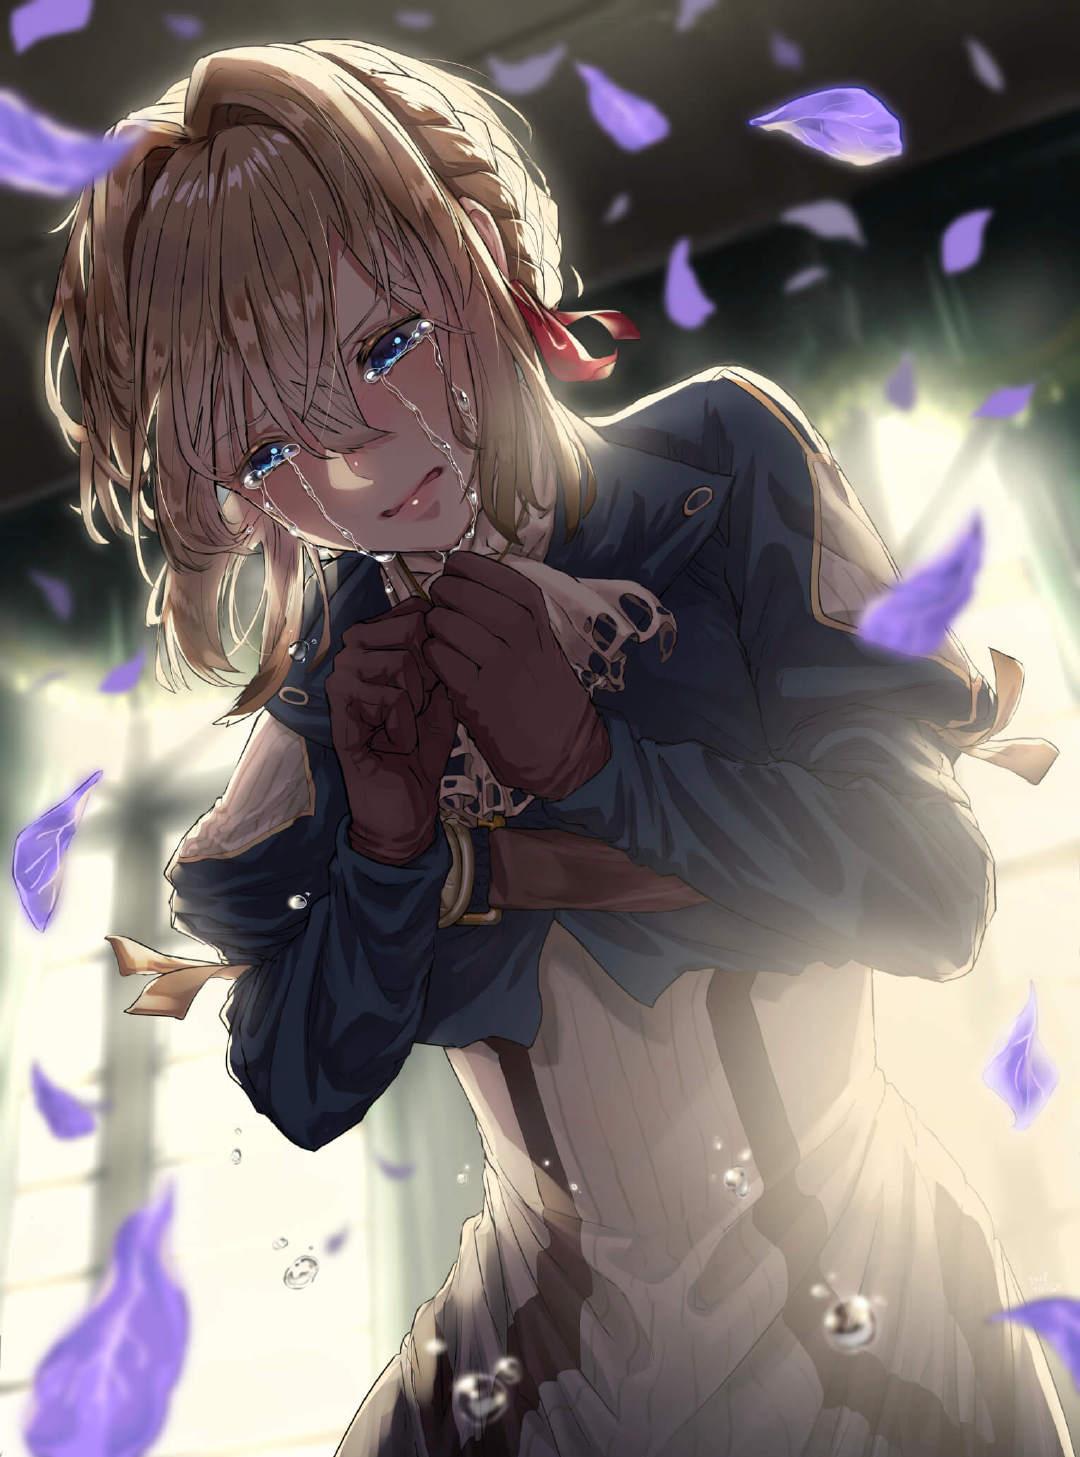 【喵咔动漫】-【P站美图】哭泣的少女特辑